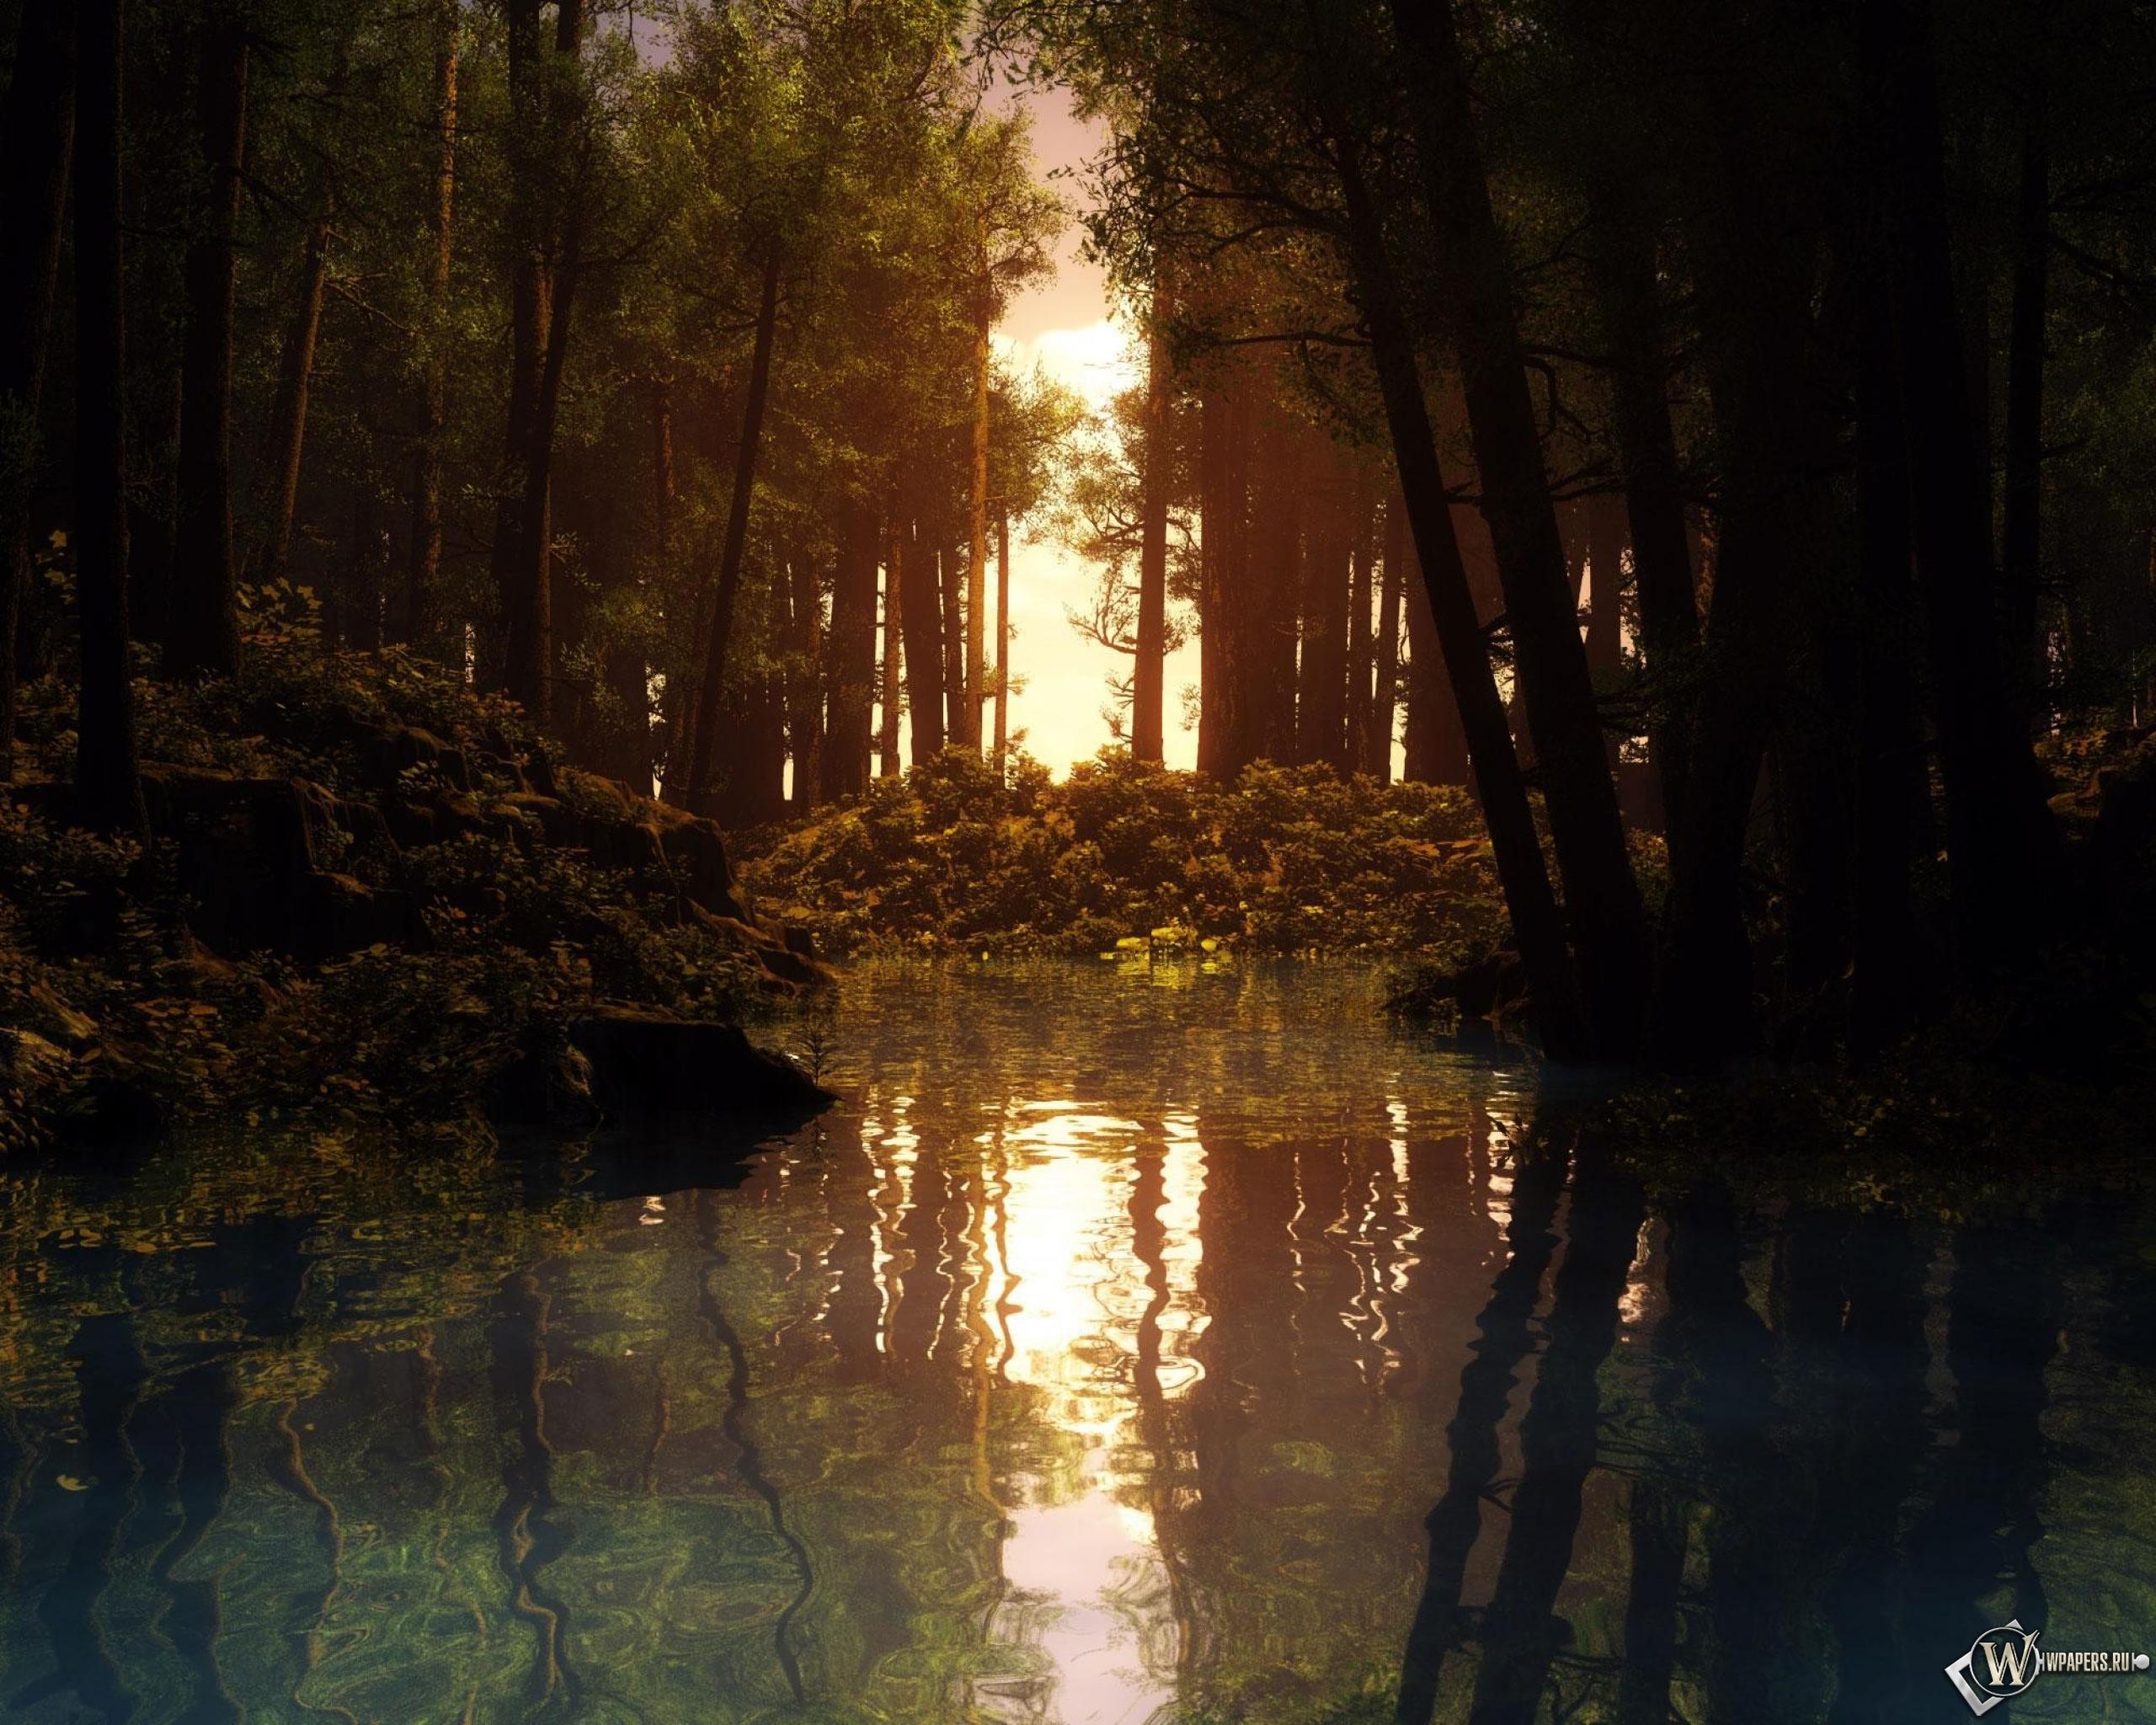 Обои речка в лесу на рабочий стол с